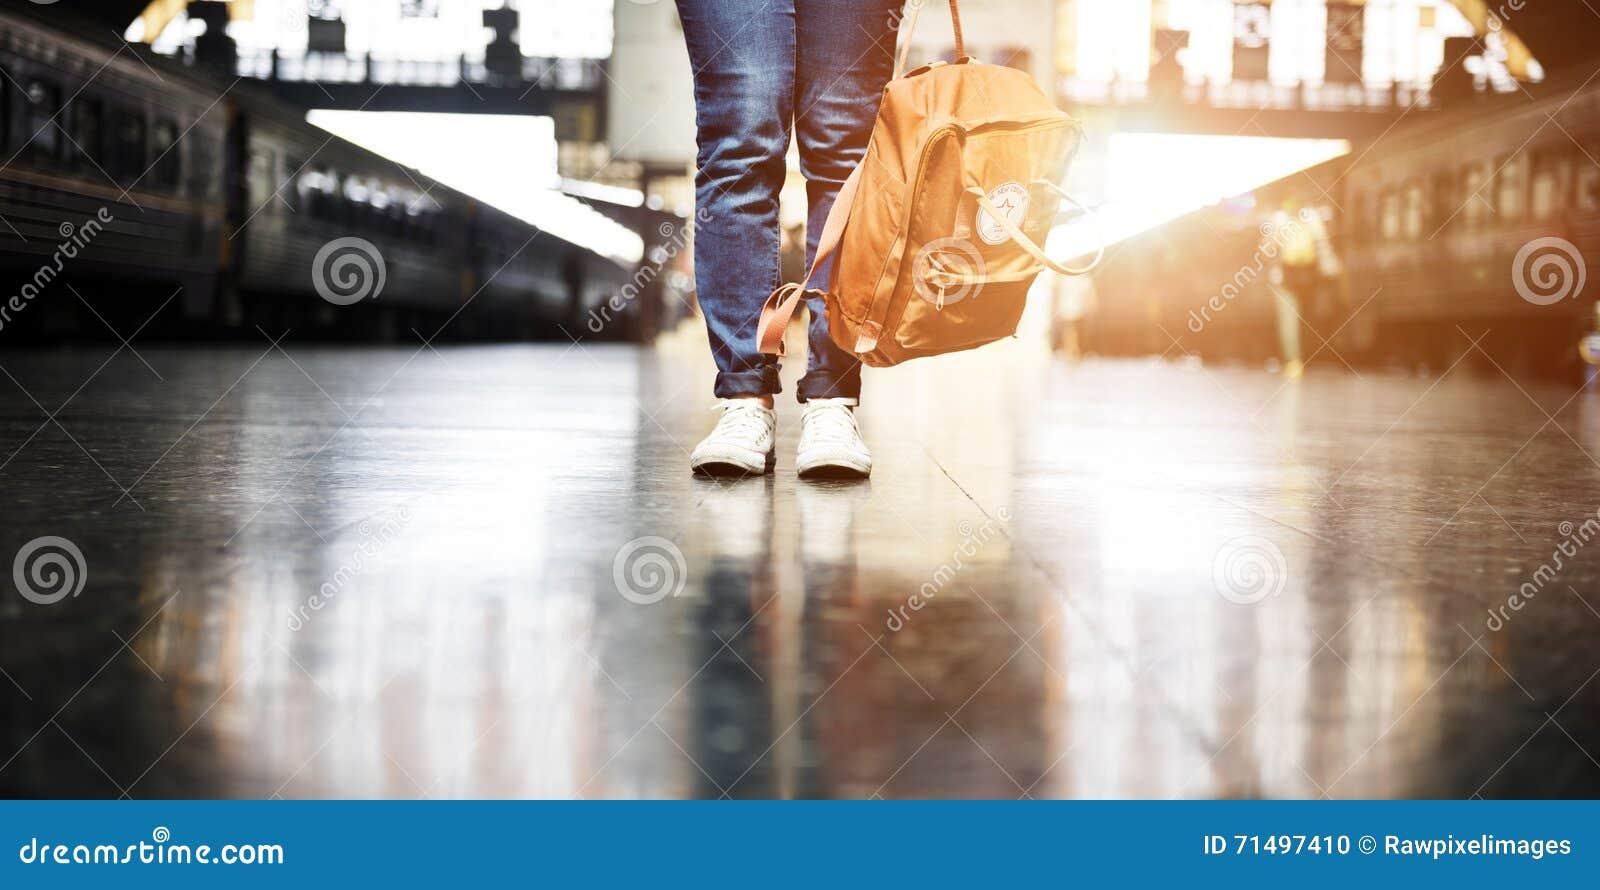 Wanderer-Abfahrt-Wanderlust-Reise-Reise-Konzept